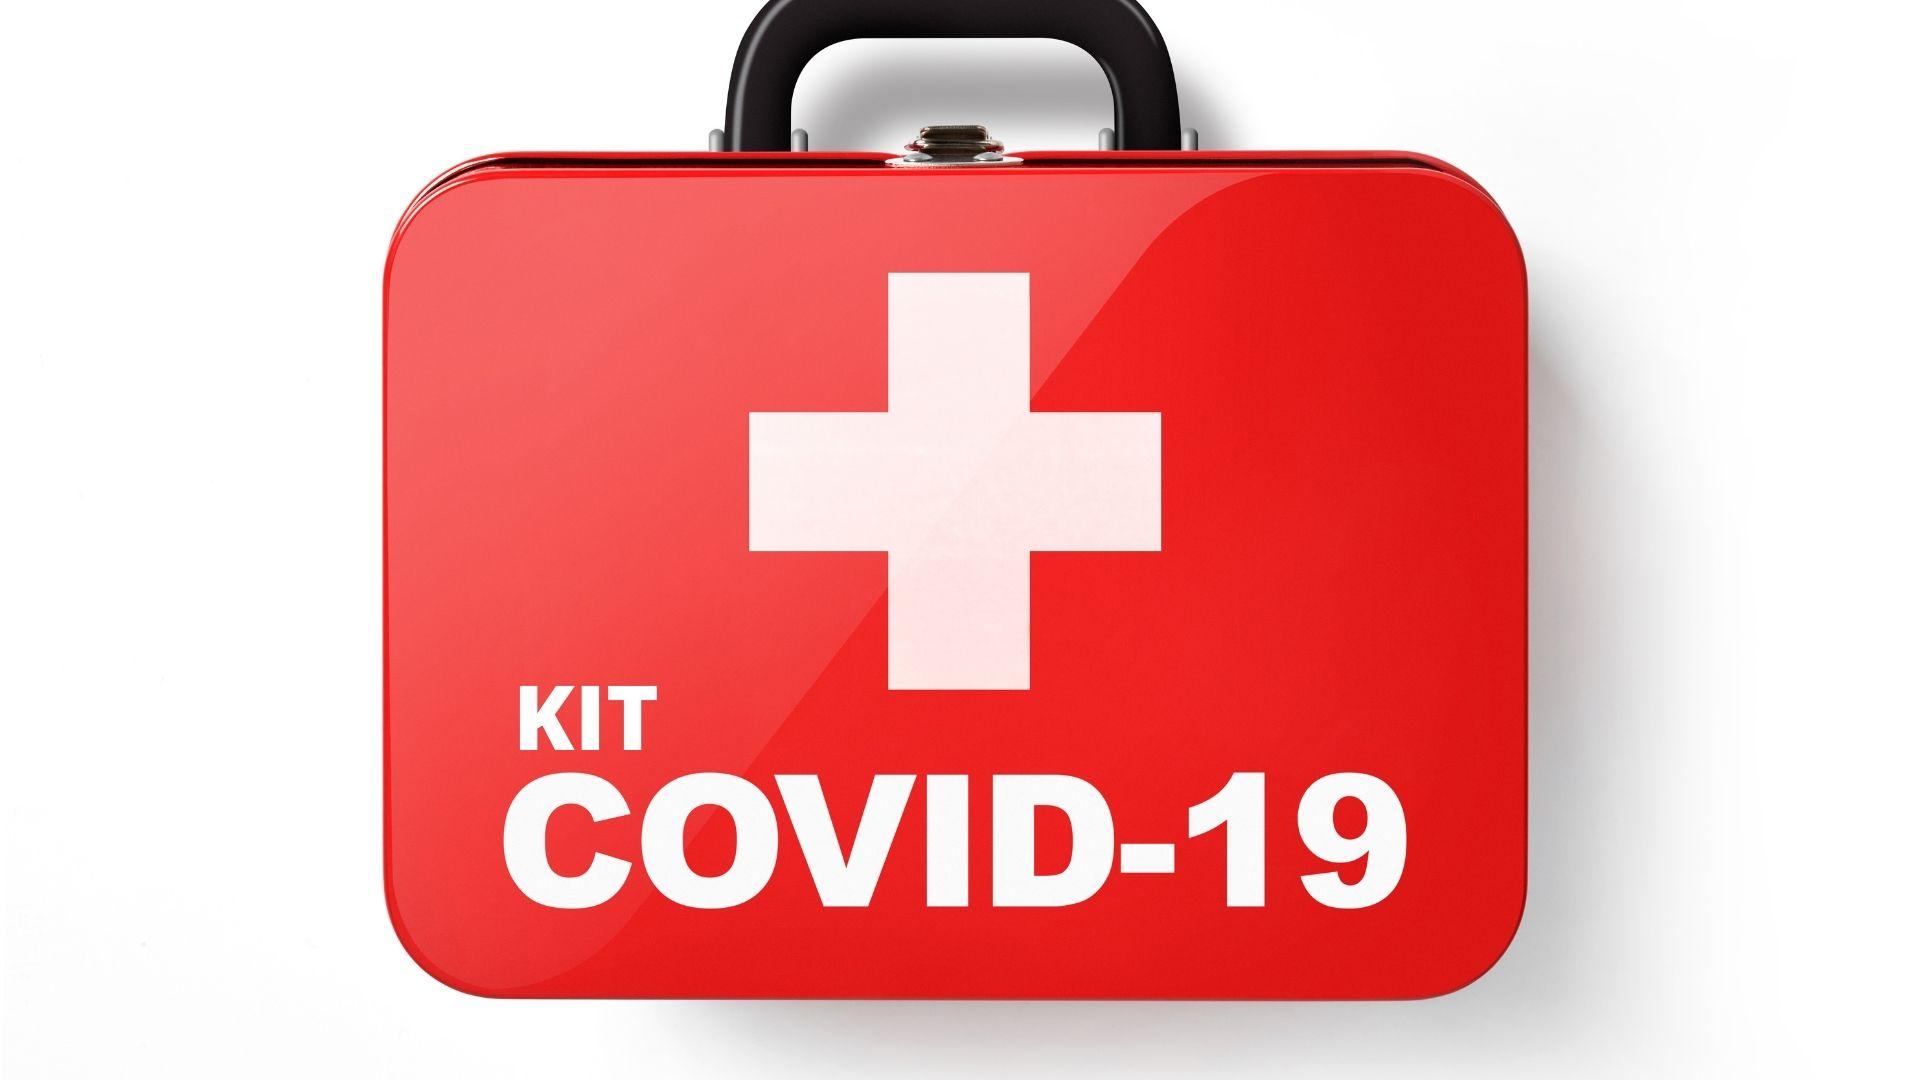 Kit Covid: o que é suas consequências para os pacientes